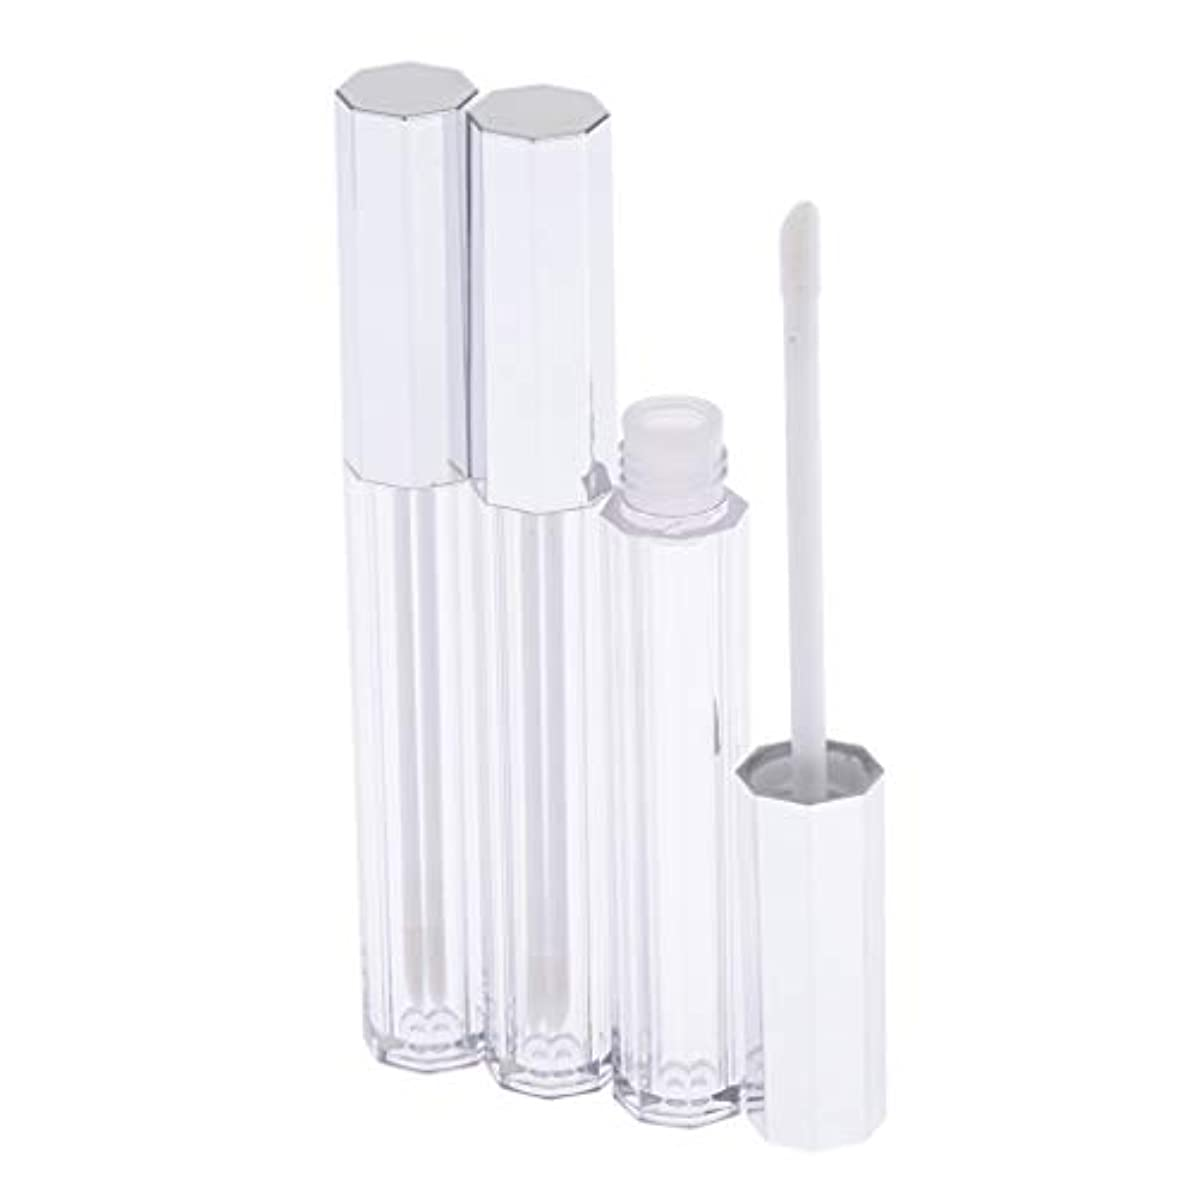 フラスコ解釈する株式会社SM SunniMix リップグロス 容器 チューブ クリア リップスティックチューブ プラスチック 5ml 3個セット